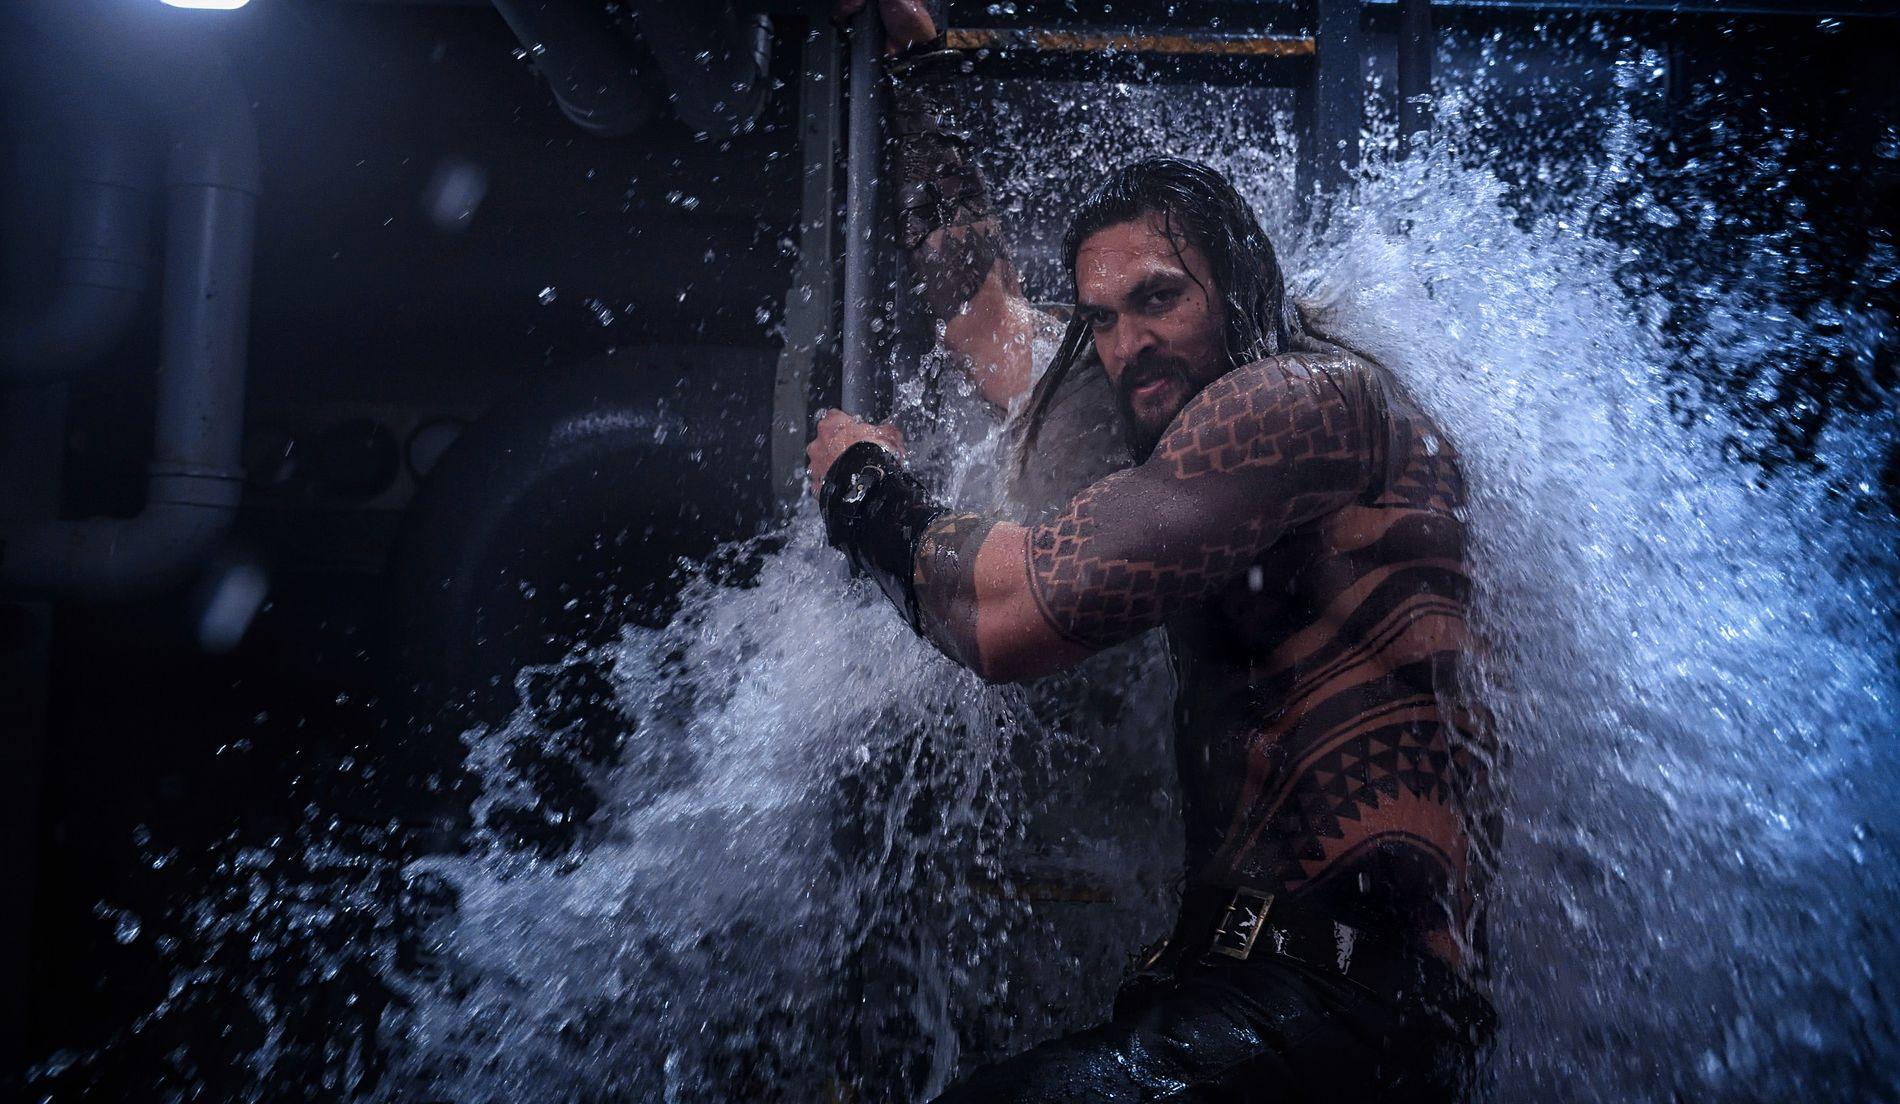 HELT PÅ LAND OG I VANN: Arthur Curry (Jason Mamoa) vokser opp med overmenneskelige krefter som sønn av havets store dronning.